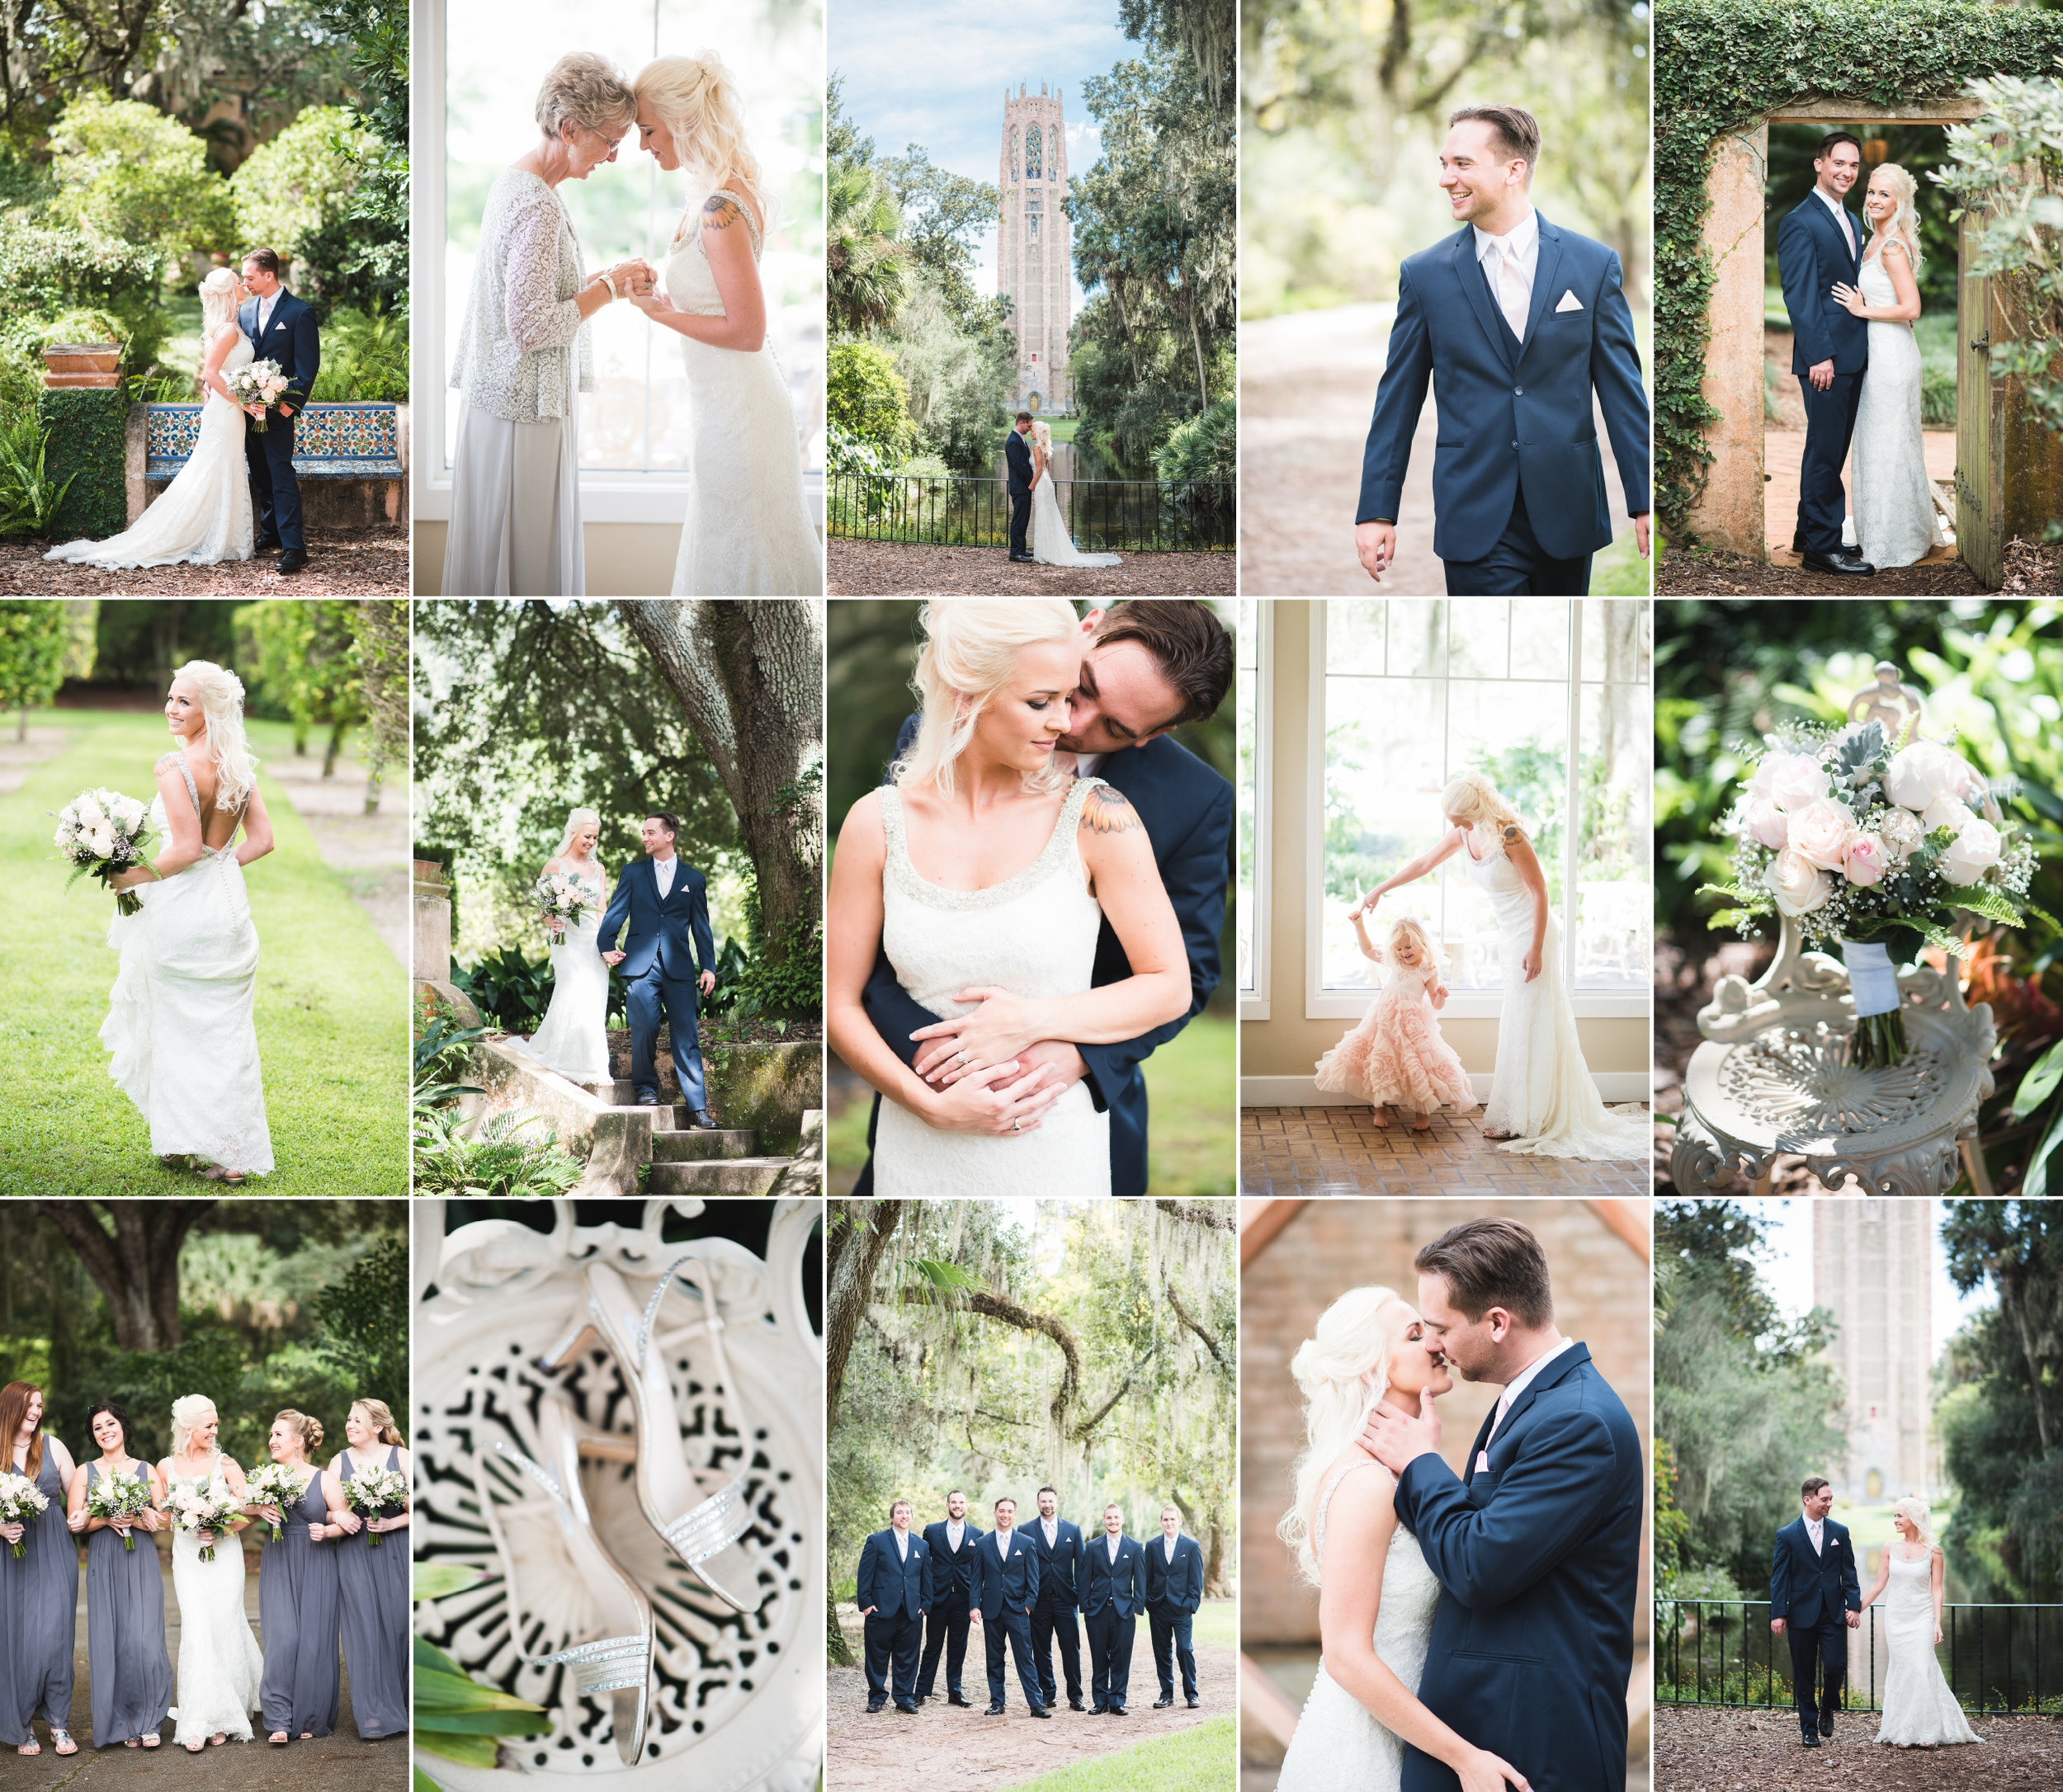 Sarah + Chris — Bok Tower Gardens Wedding Photography in Lake Wales, Florida